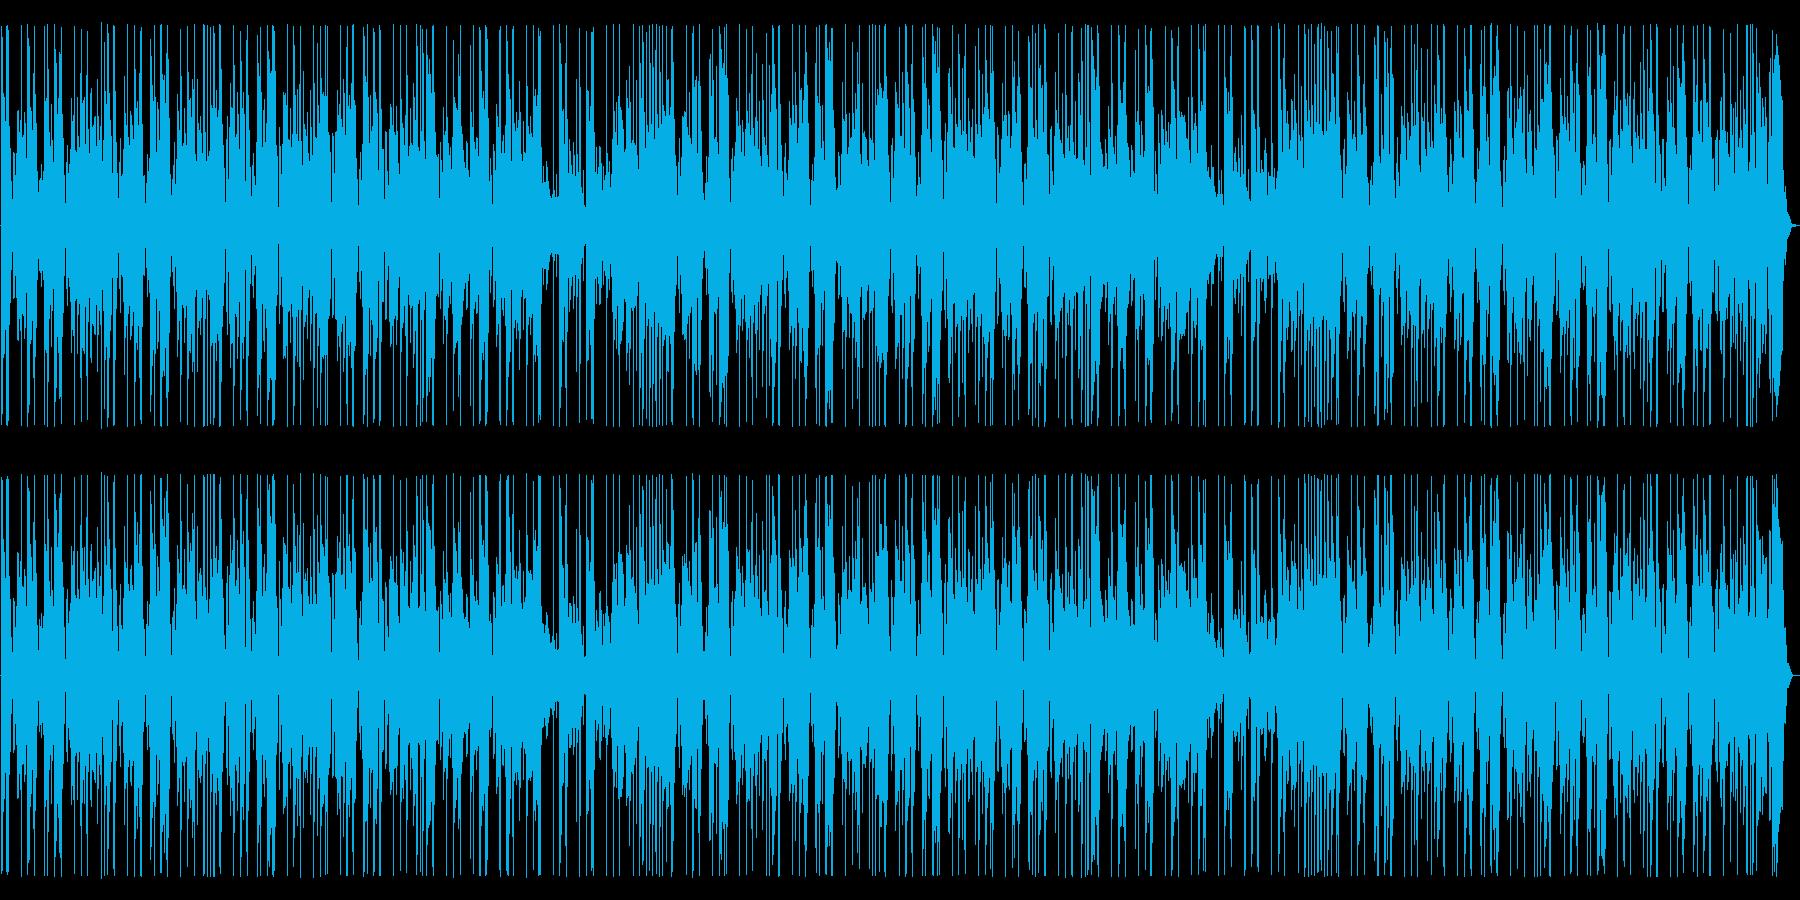 パズルゲームに合うシンセポップの再生済みの波形